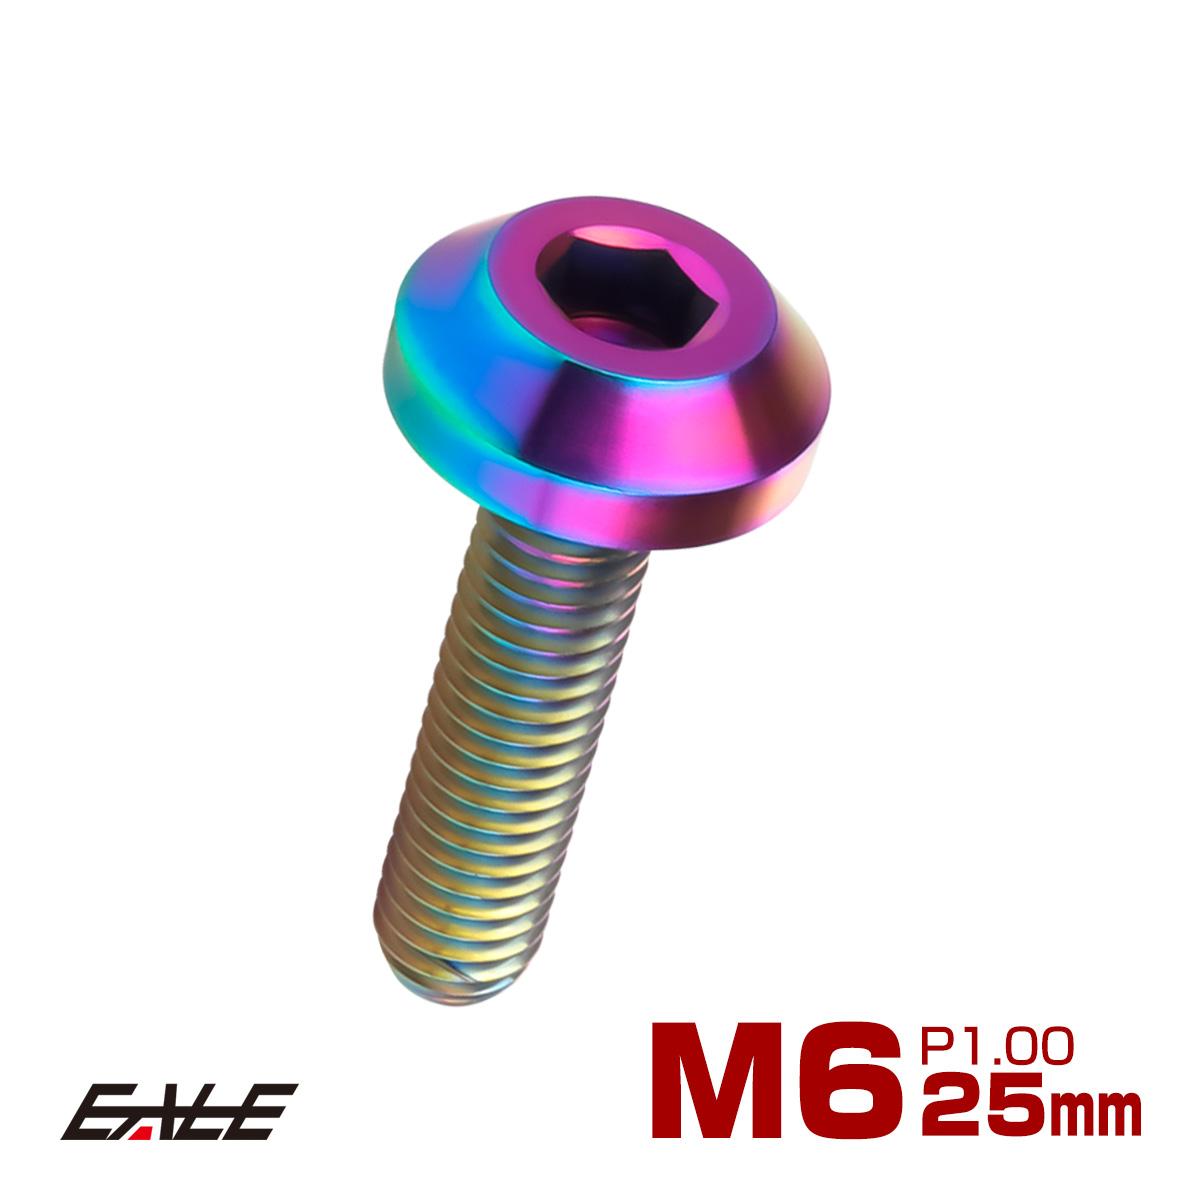 【ネコポス可】 64チタン製 ボタンボルト M6×25mm P1.00 六角穴 テーパーヘッド カスタムボルト レインボー 焼きチタン色 JA856